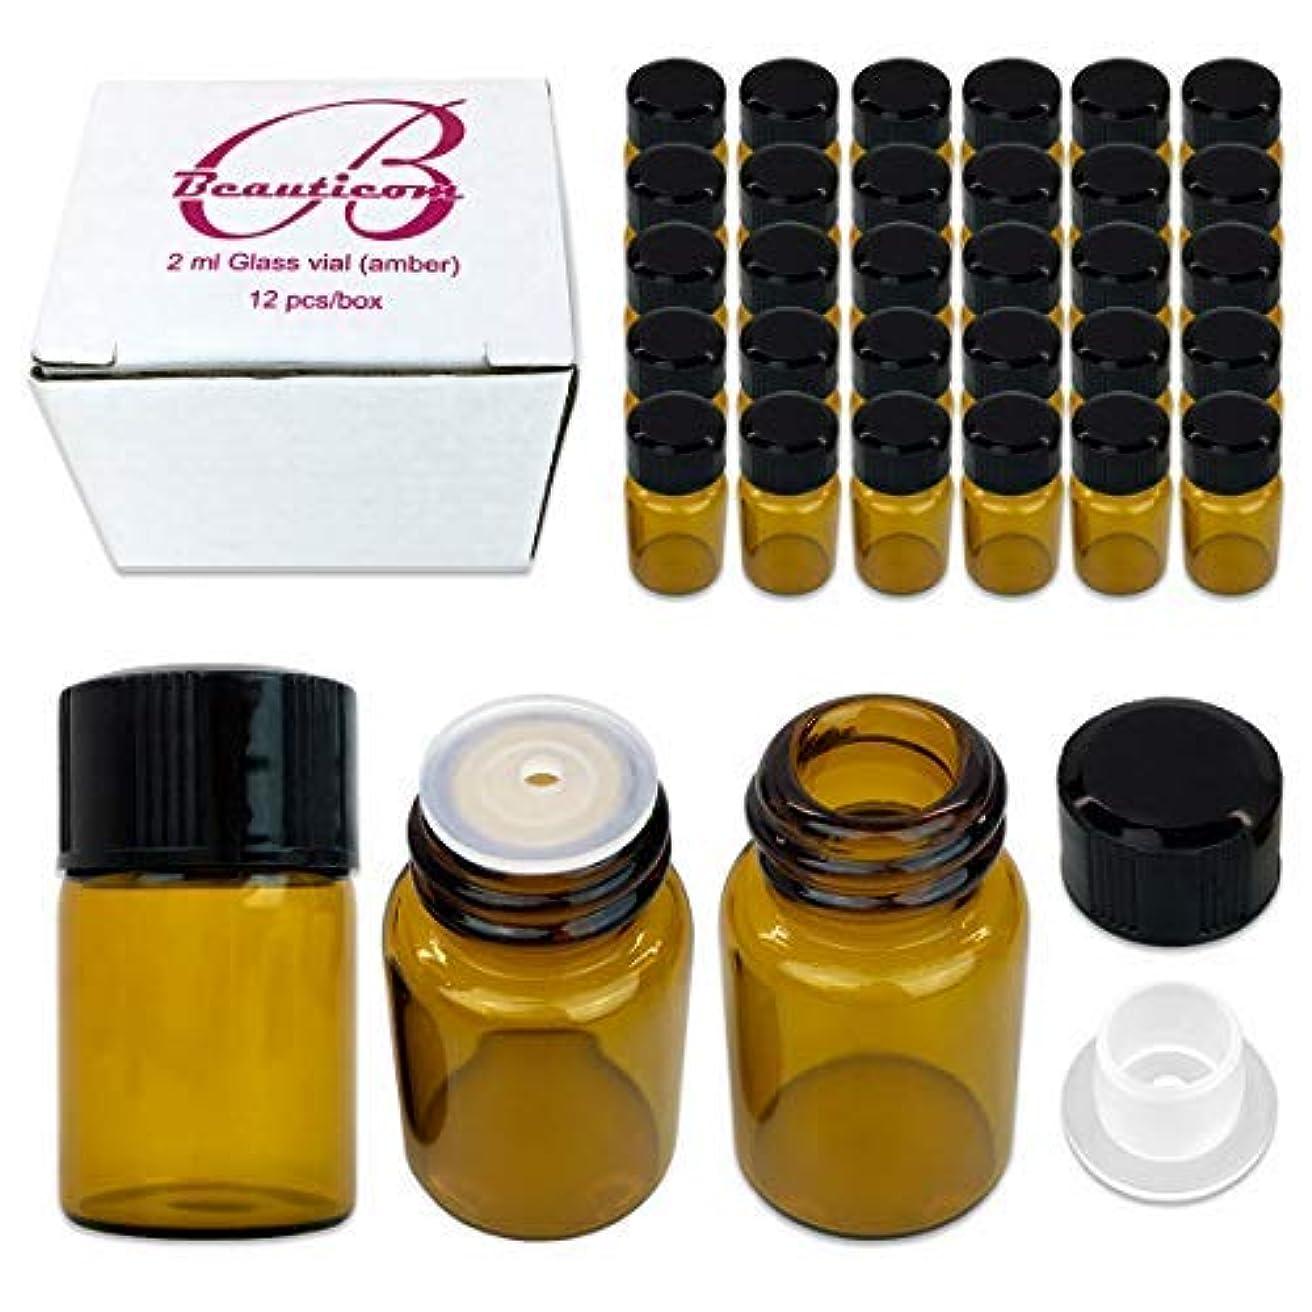 アセンブリ急ぐアプローチ48 Packs Beauticom 2ML Amber Glass Vial for Essential Oils, Aromatherapy, Fragrance, Serums, Spritzes, with Orifice...